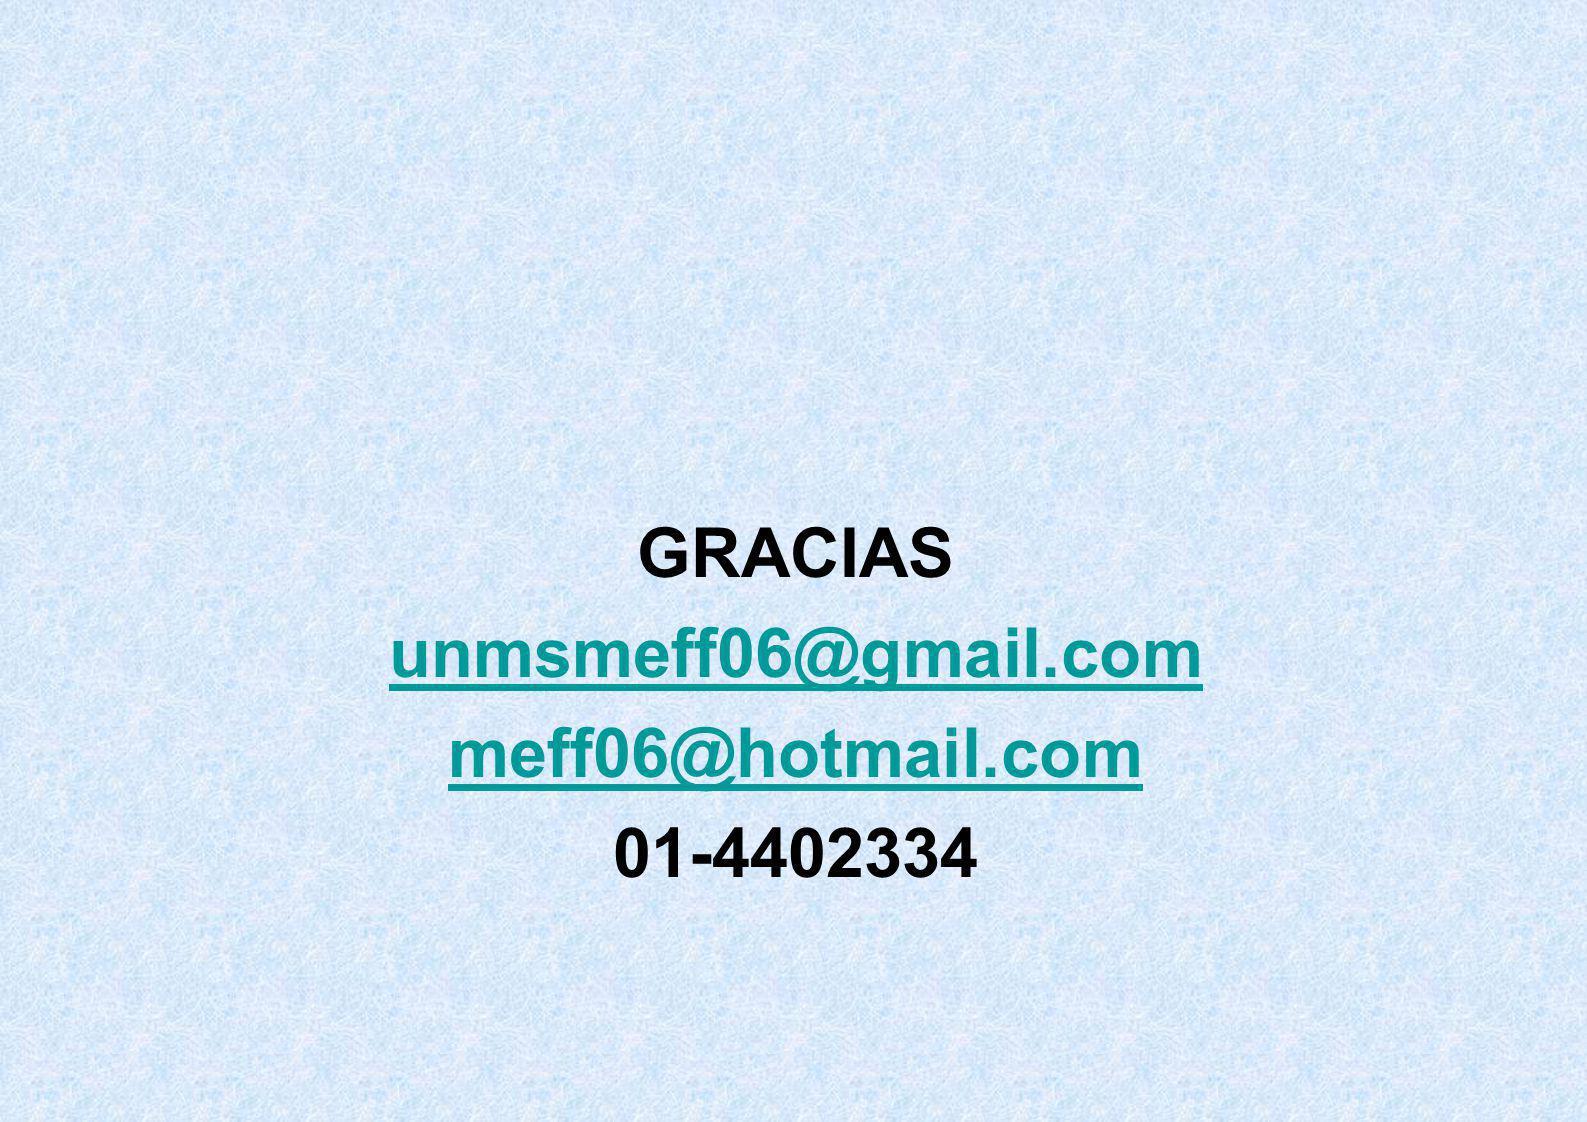 GRACIAS unmsmeff06@gmail.com meff06@hotmail.com 01-4402334